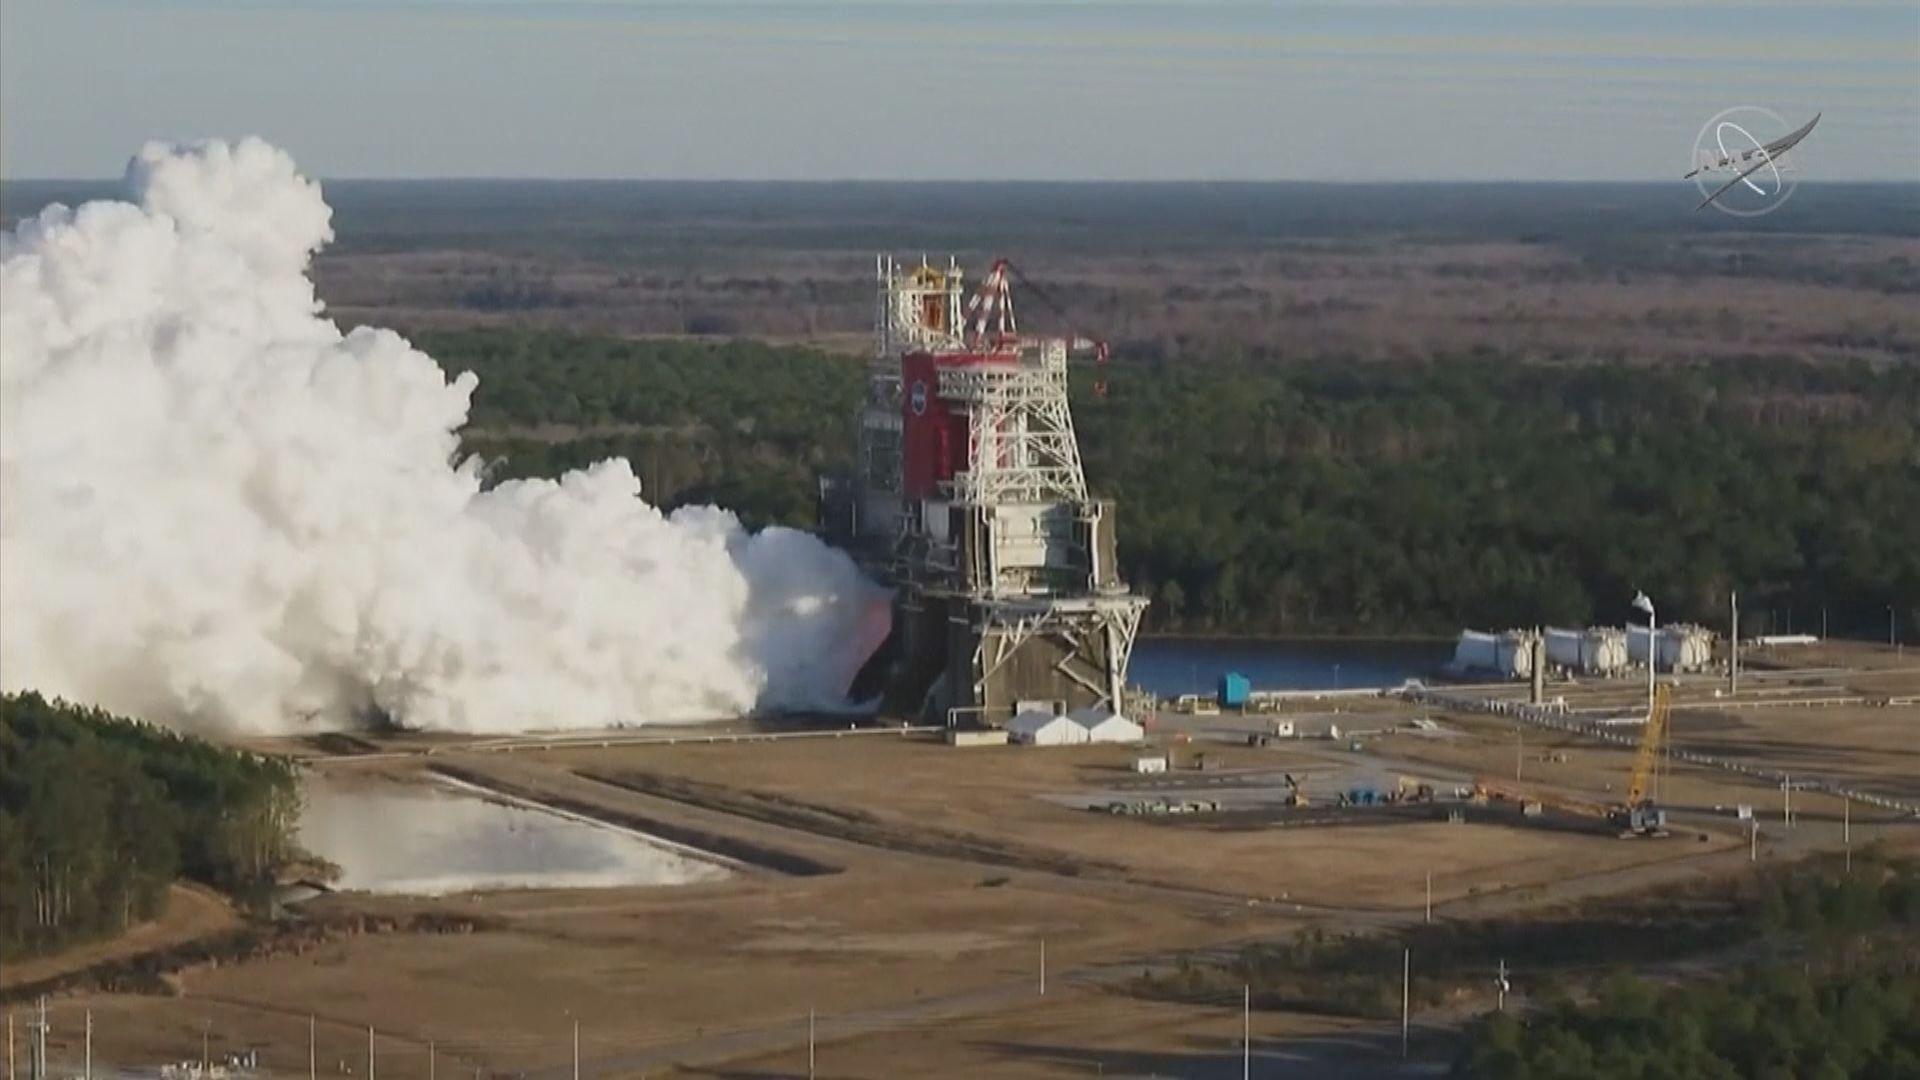 美國「太空發射系統」引擎測試提前結束 原因未明